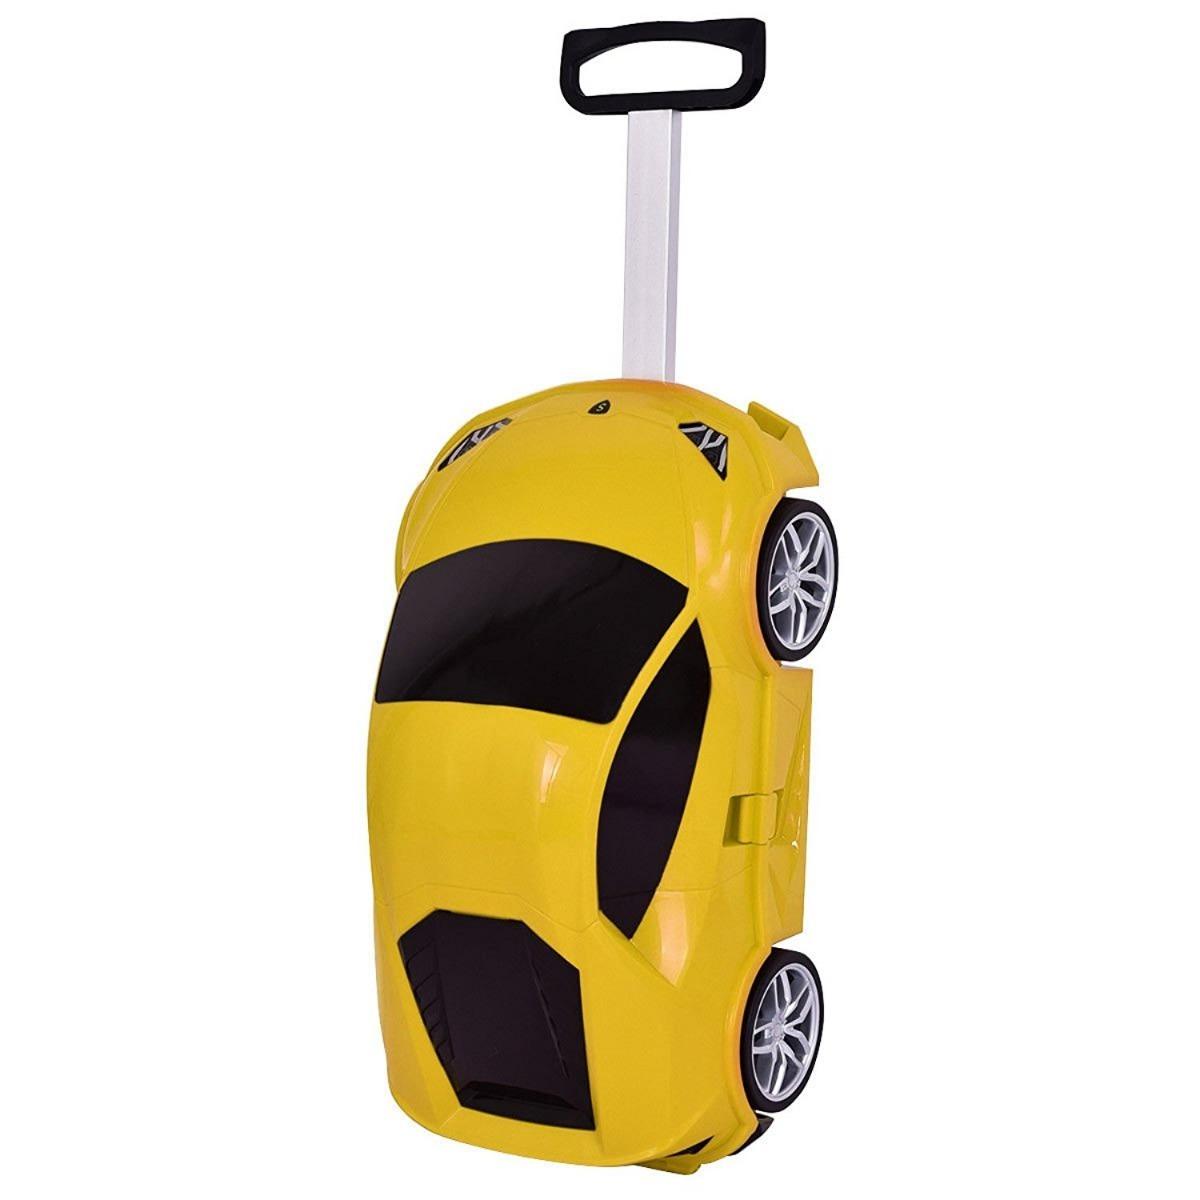 f2c0f44ac Maleta Para Niños Diseño De Carro Con Ruedas Amarillo - $ 2,286.00 ...